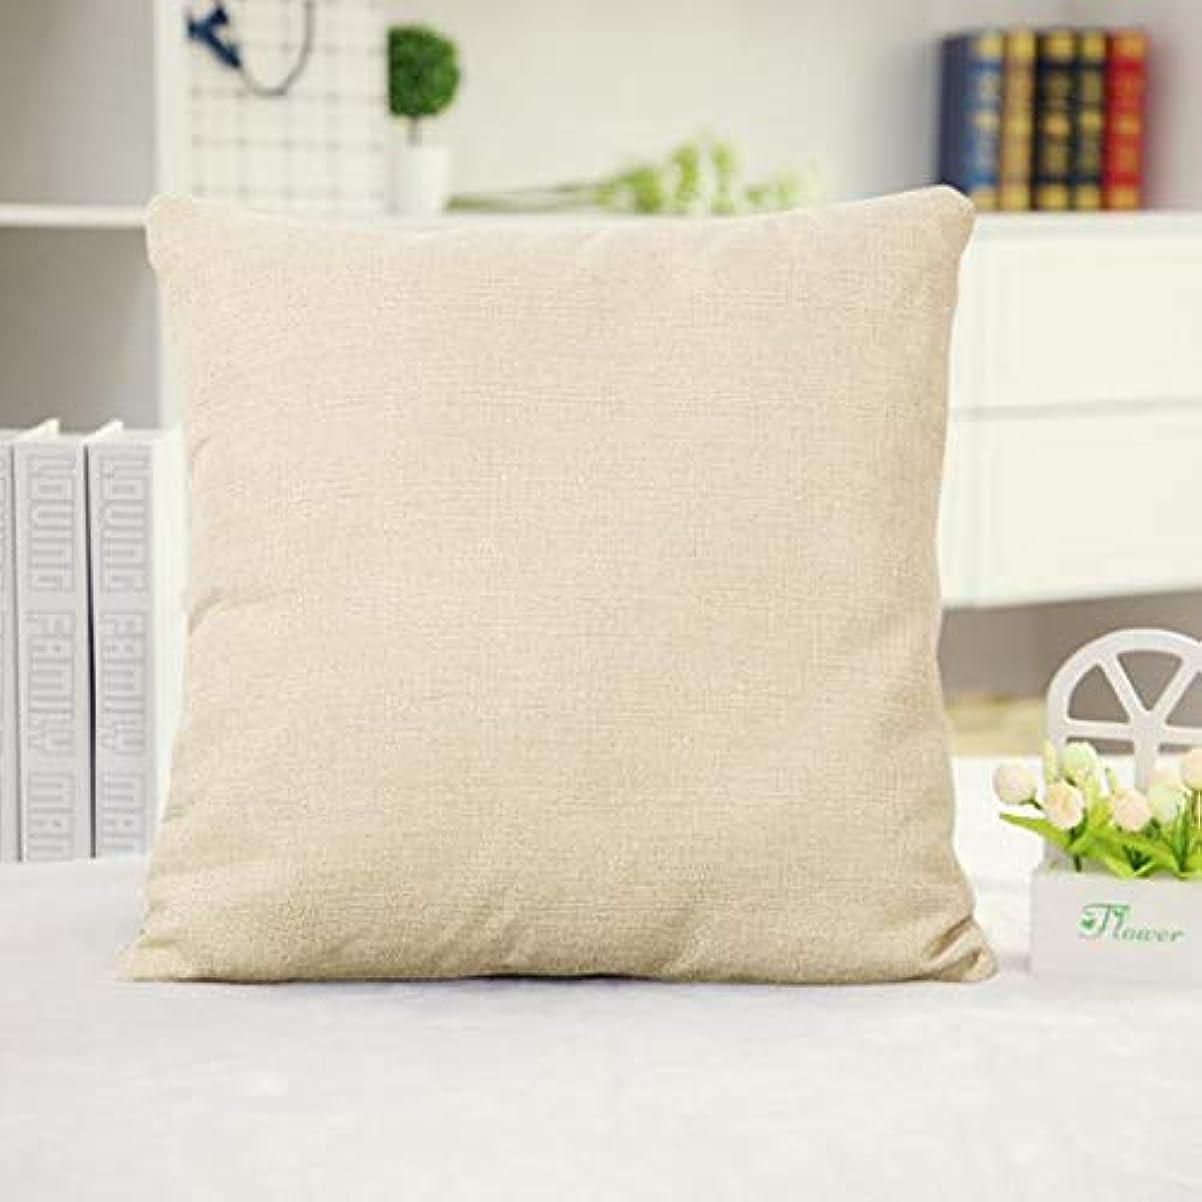 ワイド公平な命令B Blesiya 45x45cmコットンリネン枕ケースシルプウエストクッションカバーベッドソファの装飾 - 2, 45x45cm